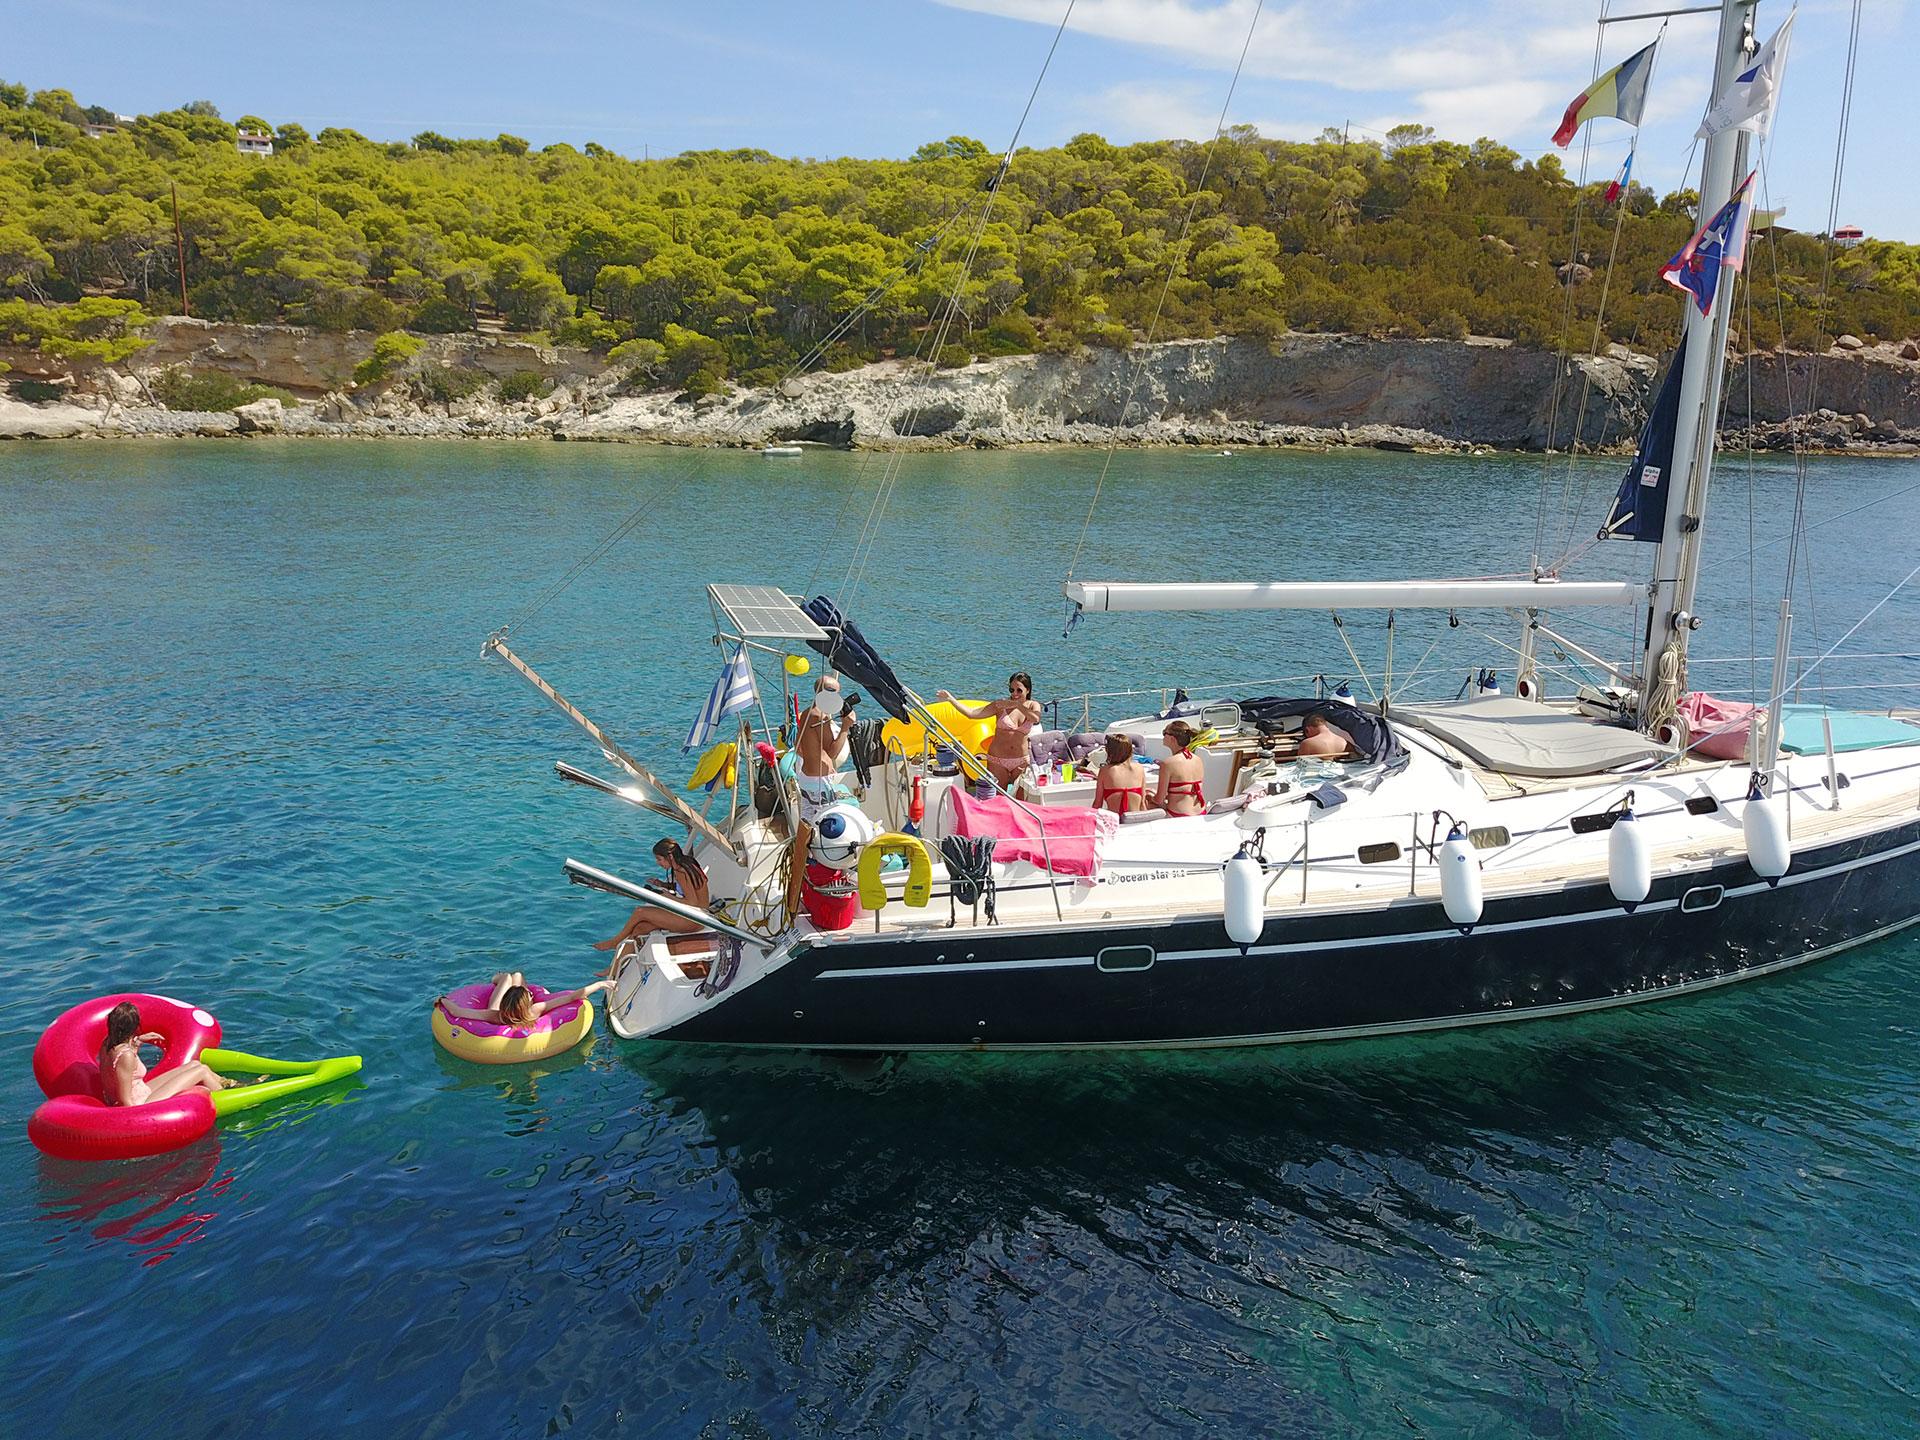 vacances-voilier-copines-christal-sailing